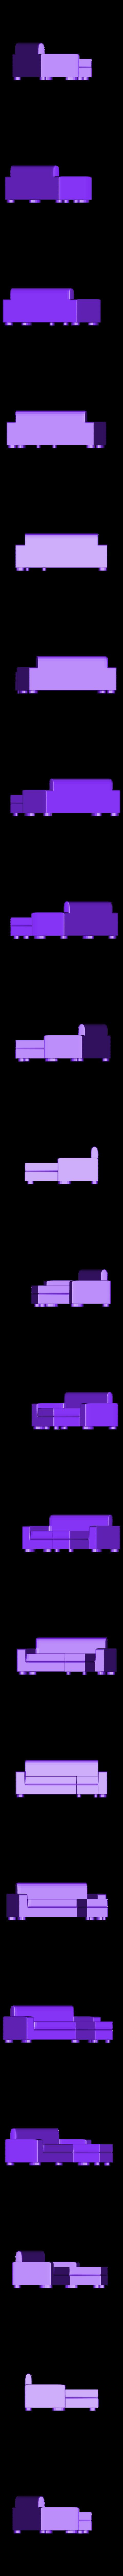 sillon.obj Télécharger fichier OBJ gratuit Sillon • Modèle pour imprimante 3D, Superer012